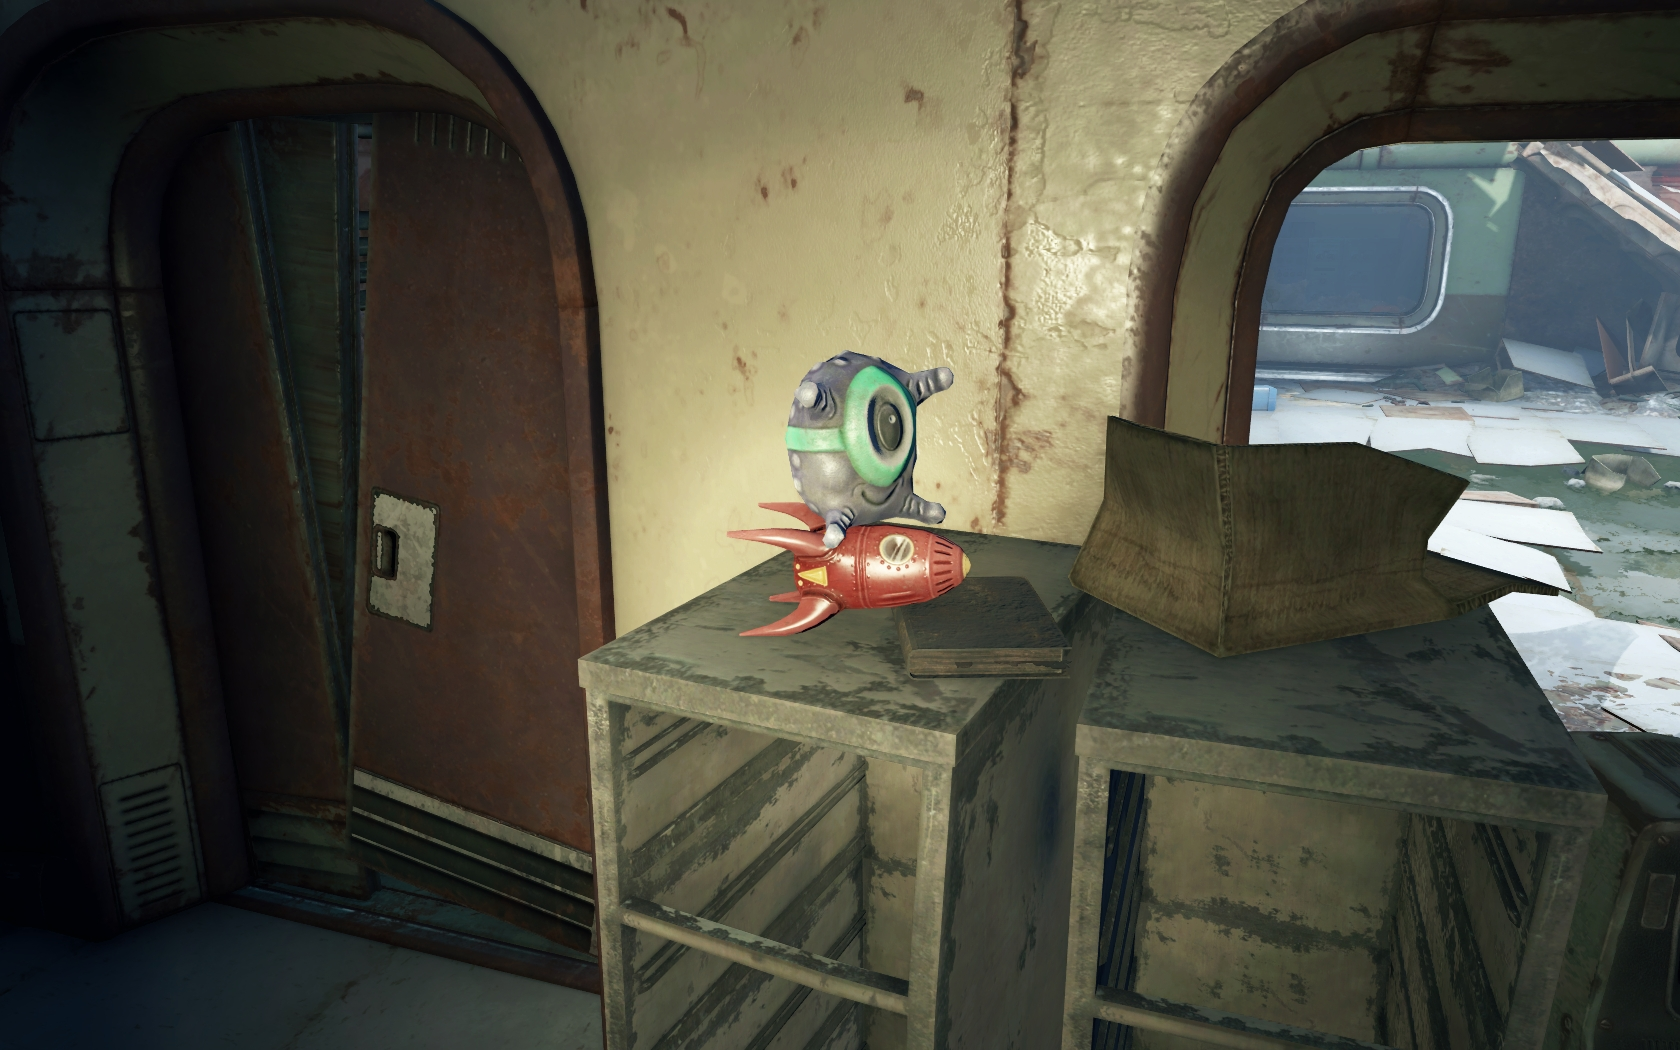 Поехали! (Аркджет системс) - Fallout 4 Аркджет системс, Игрушечный инопланетянин, Юмор